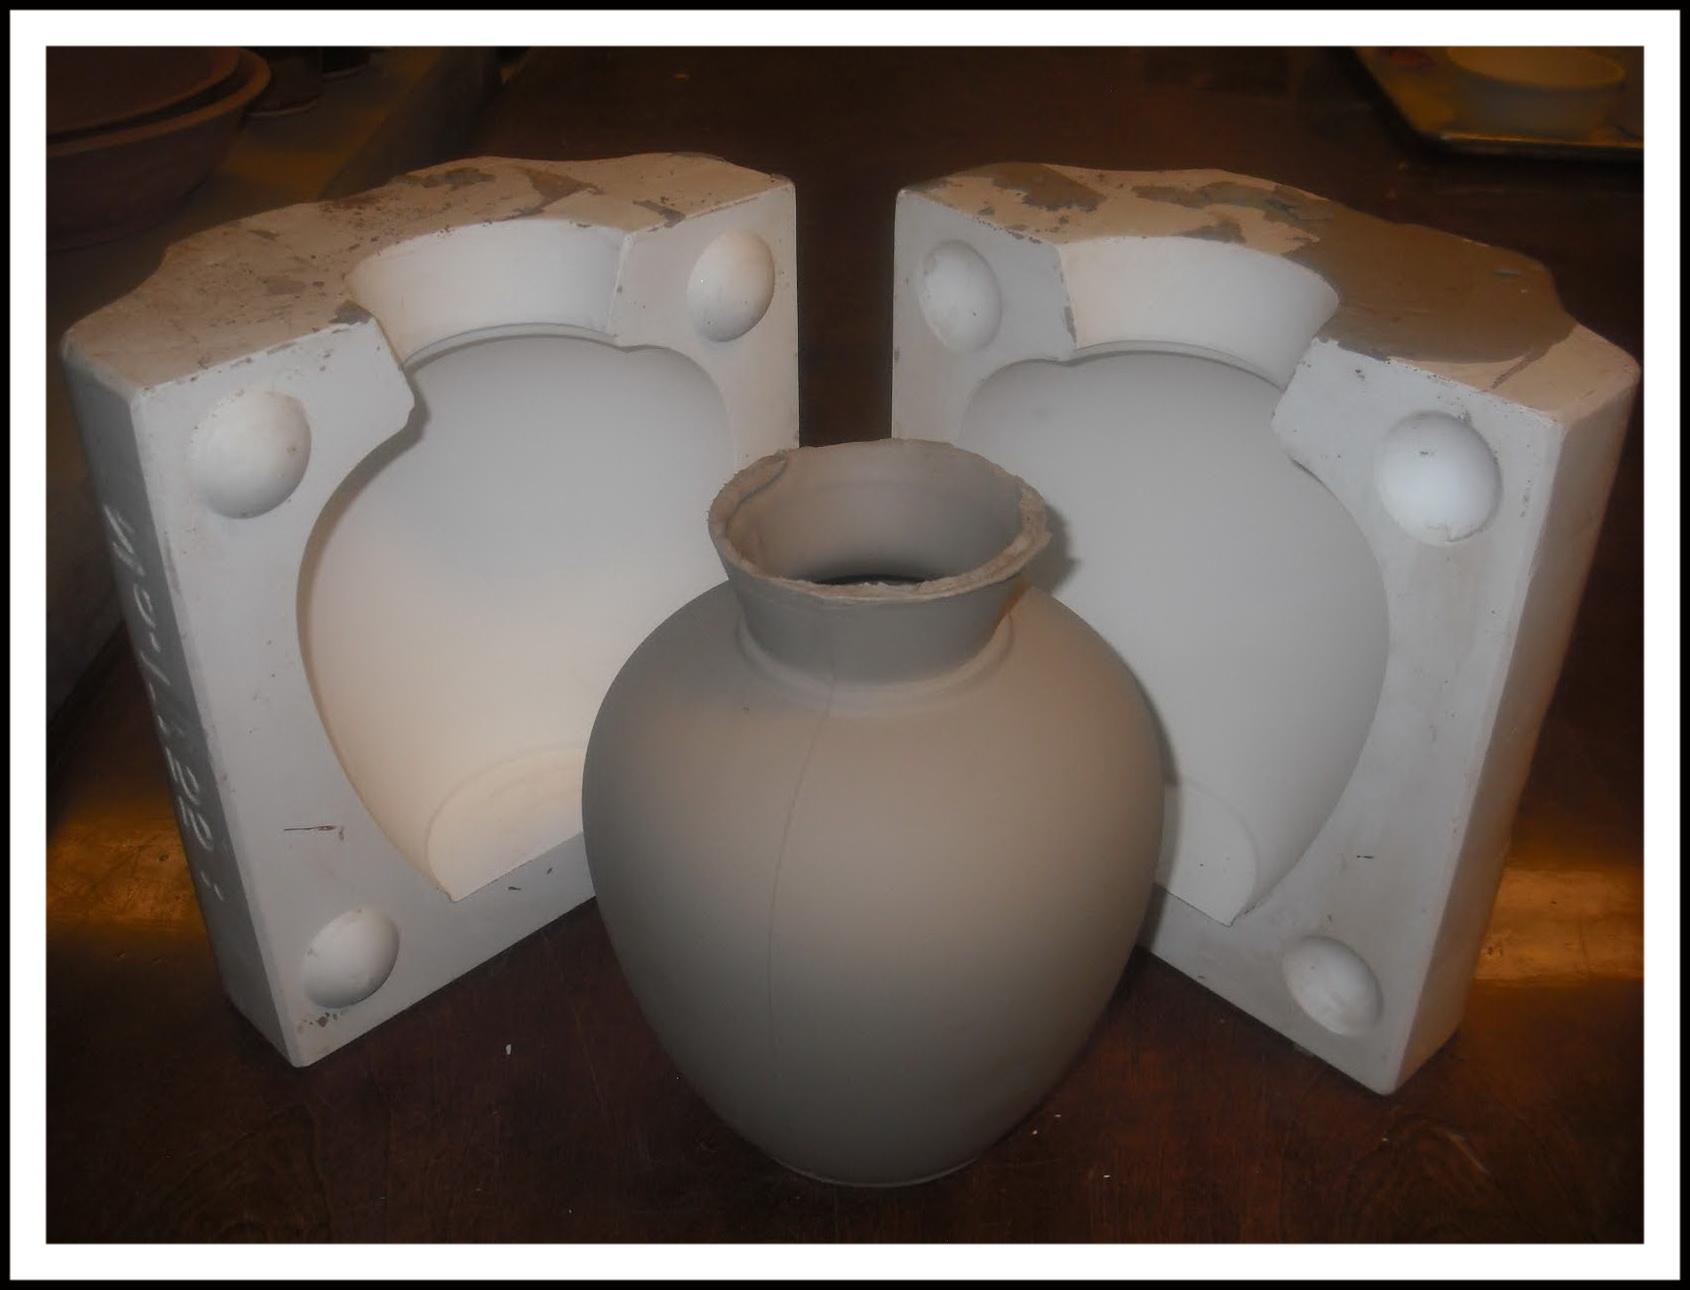 формование изделия из фарфора